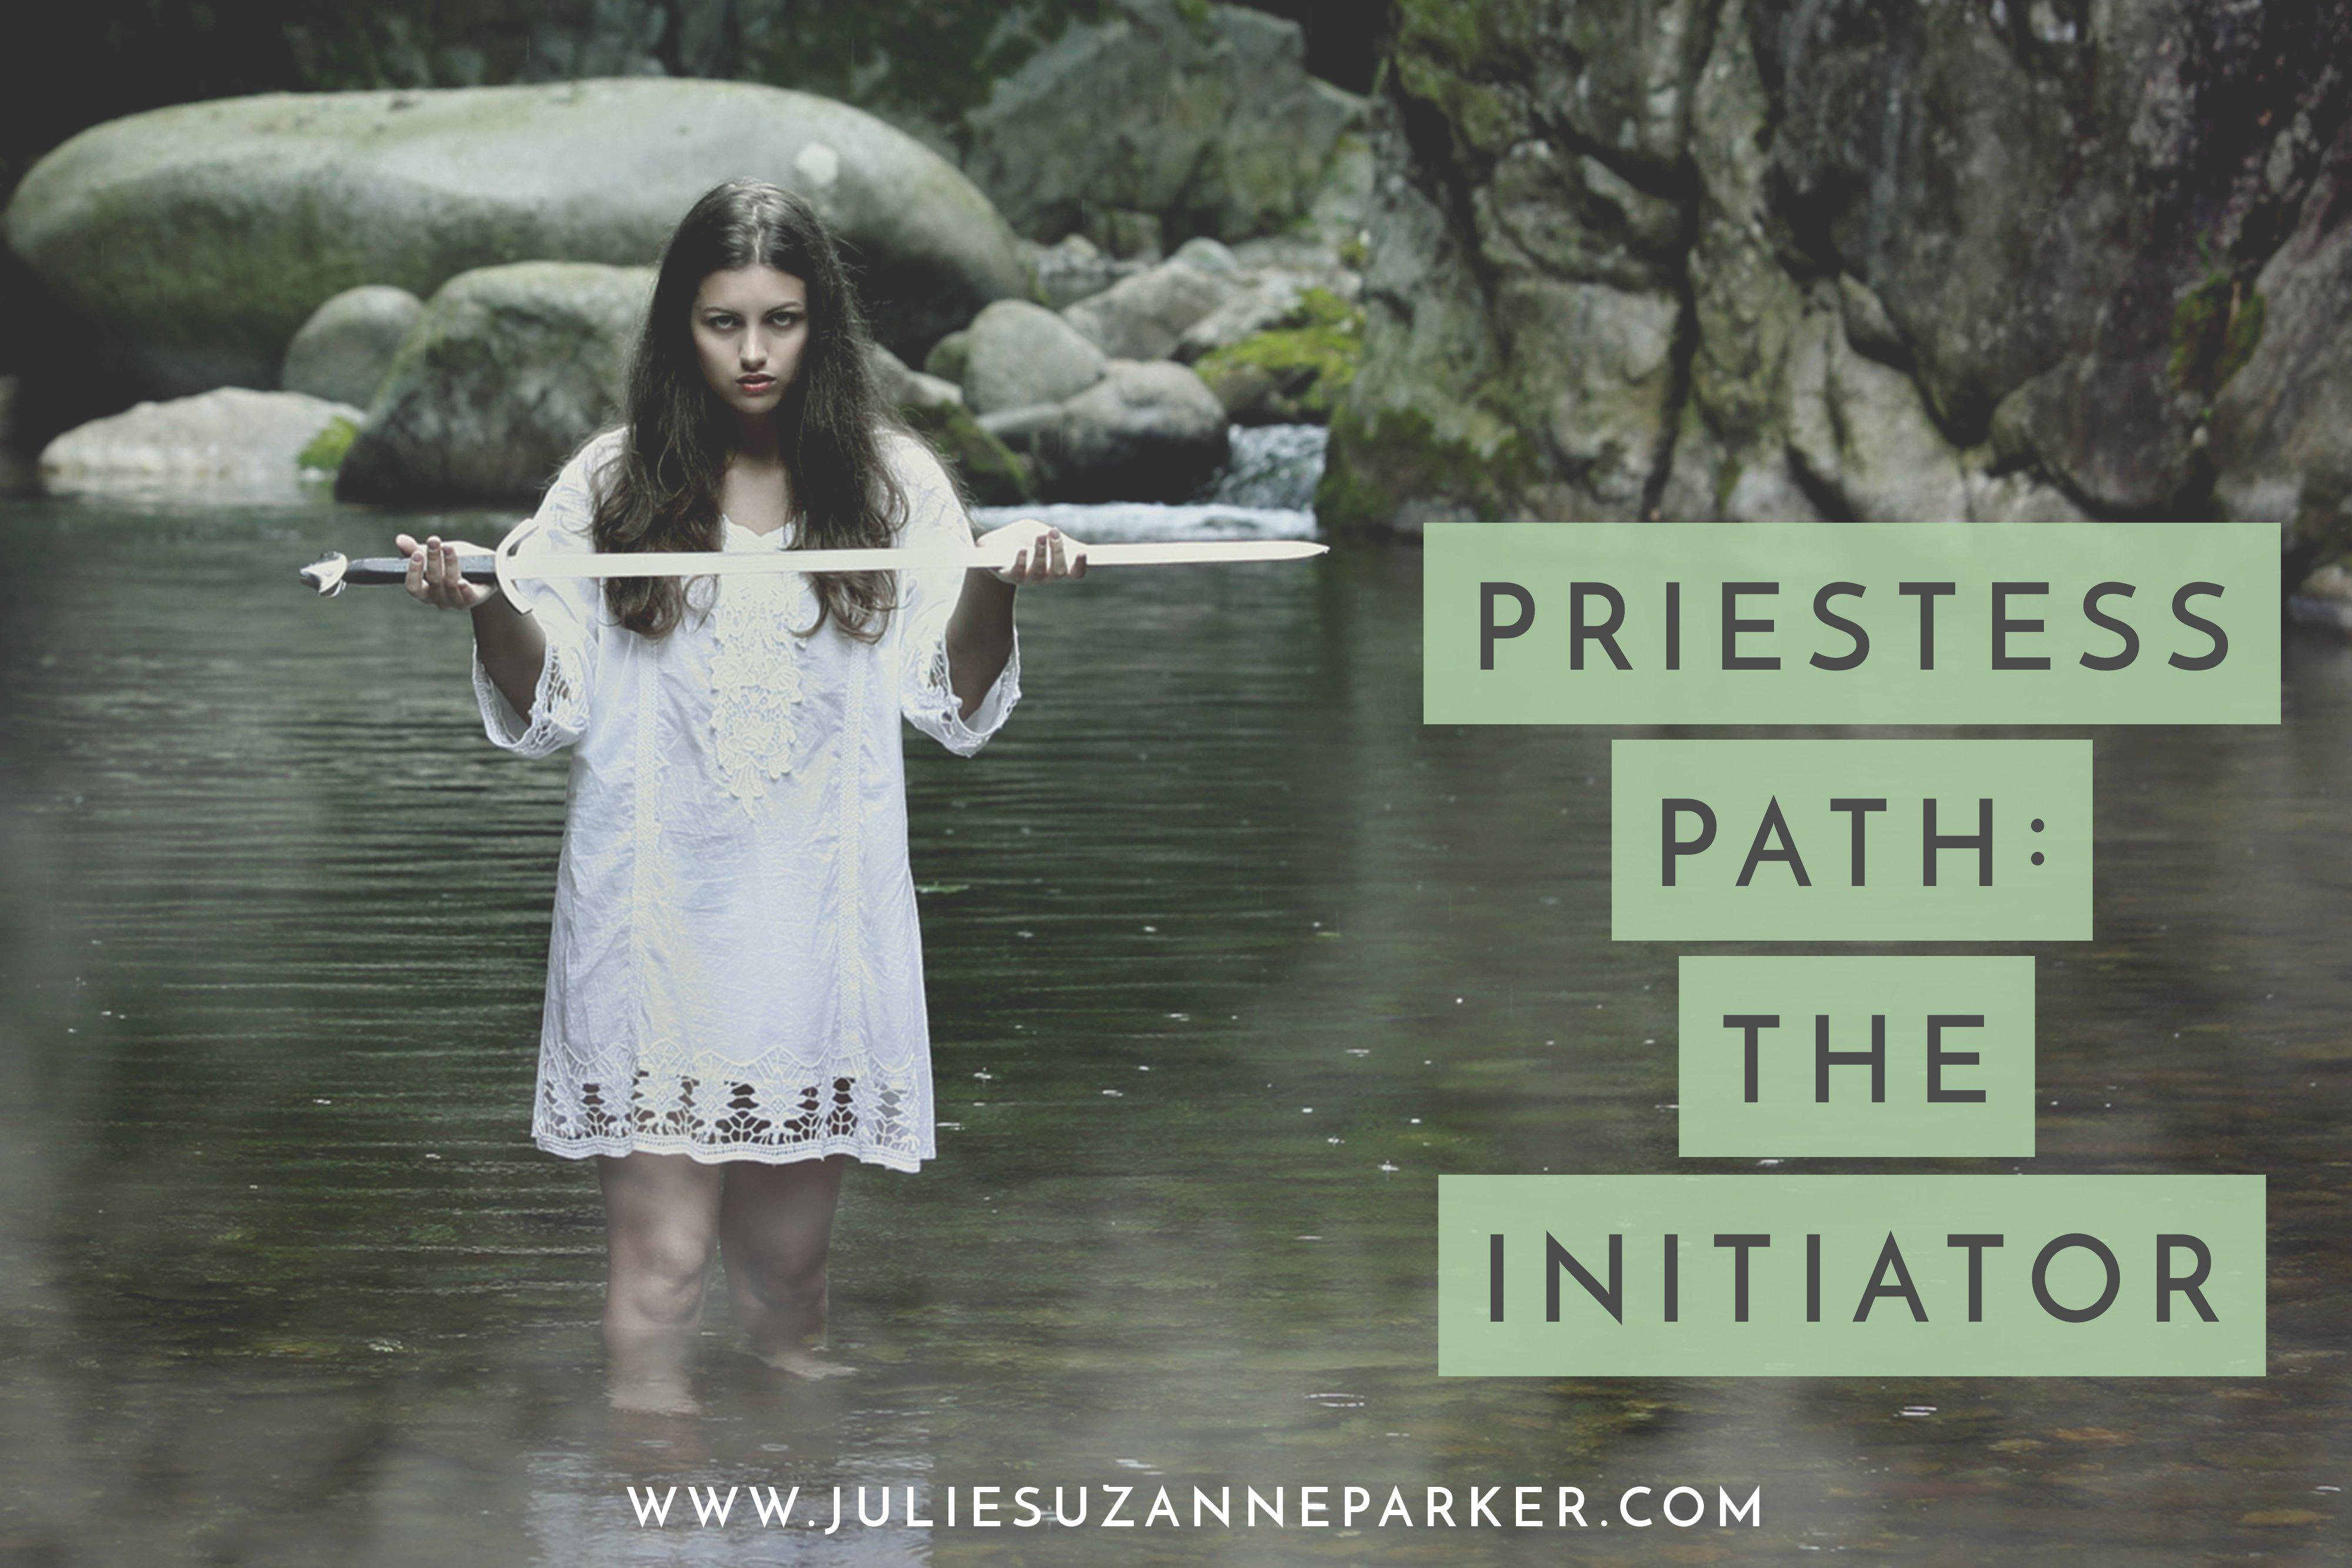 Priestess Path: The Initiator